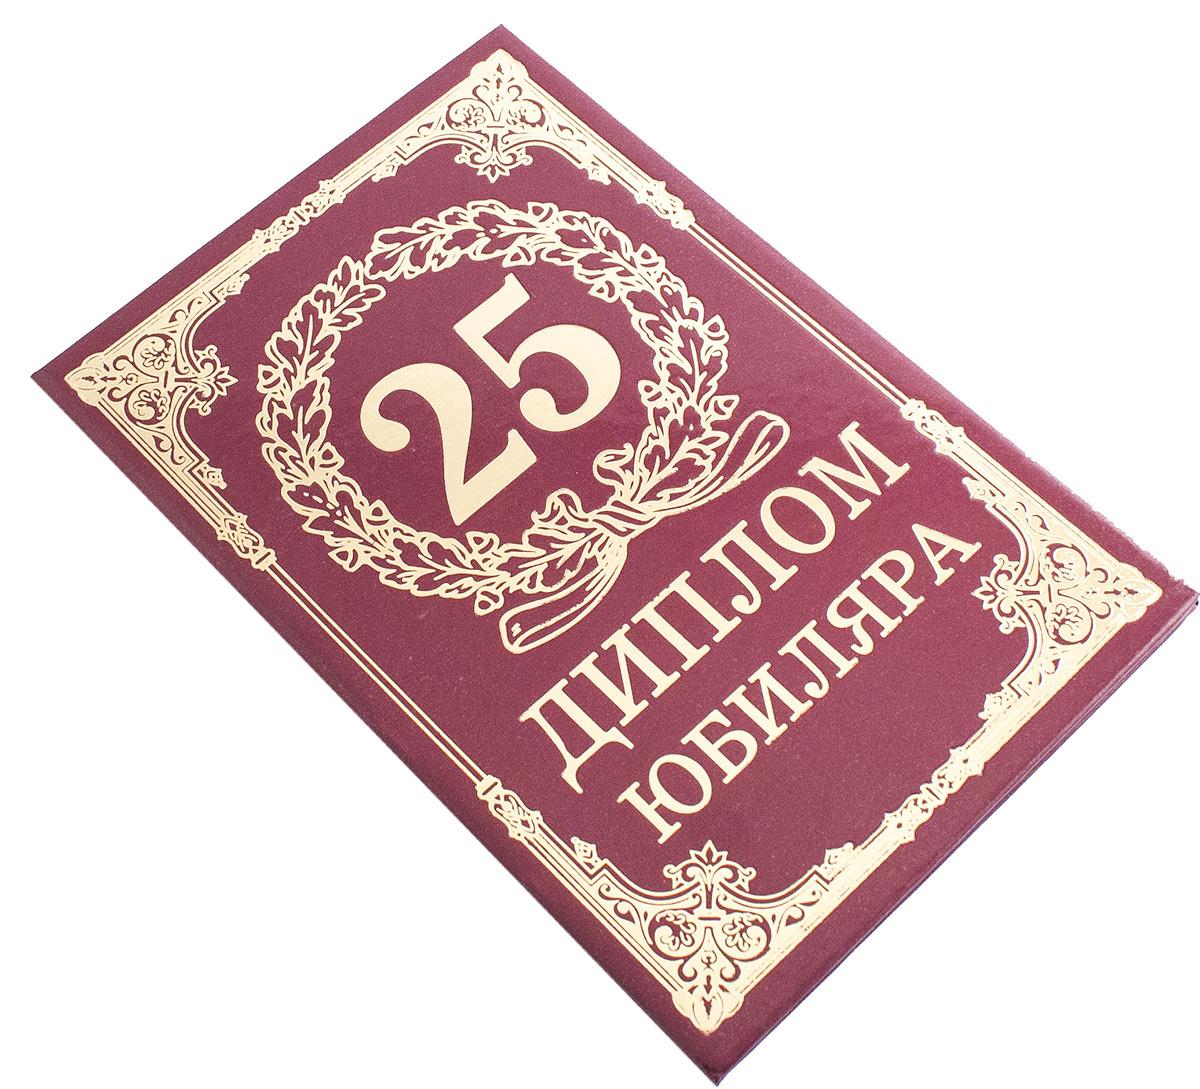 Диплом сувенирный Эврика 25 лет, A6, цвет: красный. 9374893748Красочно декорированный наградной диплом с шутливым поздравлением станет прекрасным дополнением к подарку, подскажет идею застольной речи или тоста, поможет выразить тёплые чувства к адресату. Диплом выполнен из картона, полиграфически оформлен и украшен золотым тиснением. Диплом поставляется с дополнительной индивидуальной упаковки.